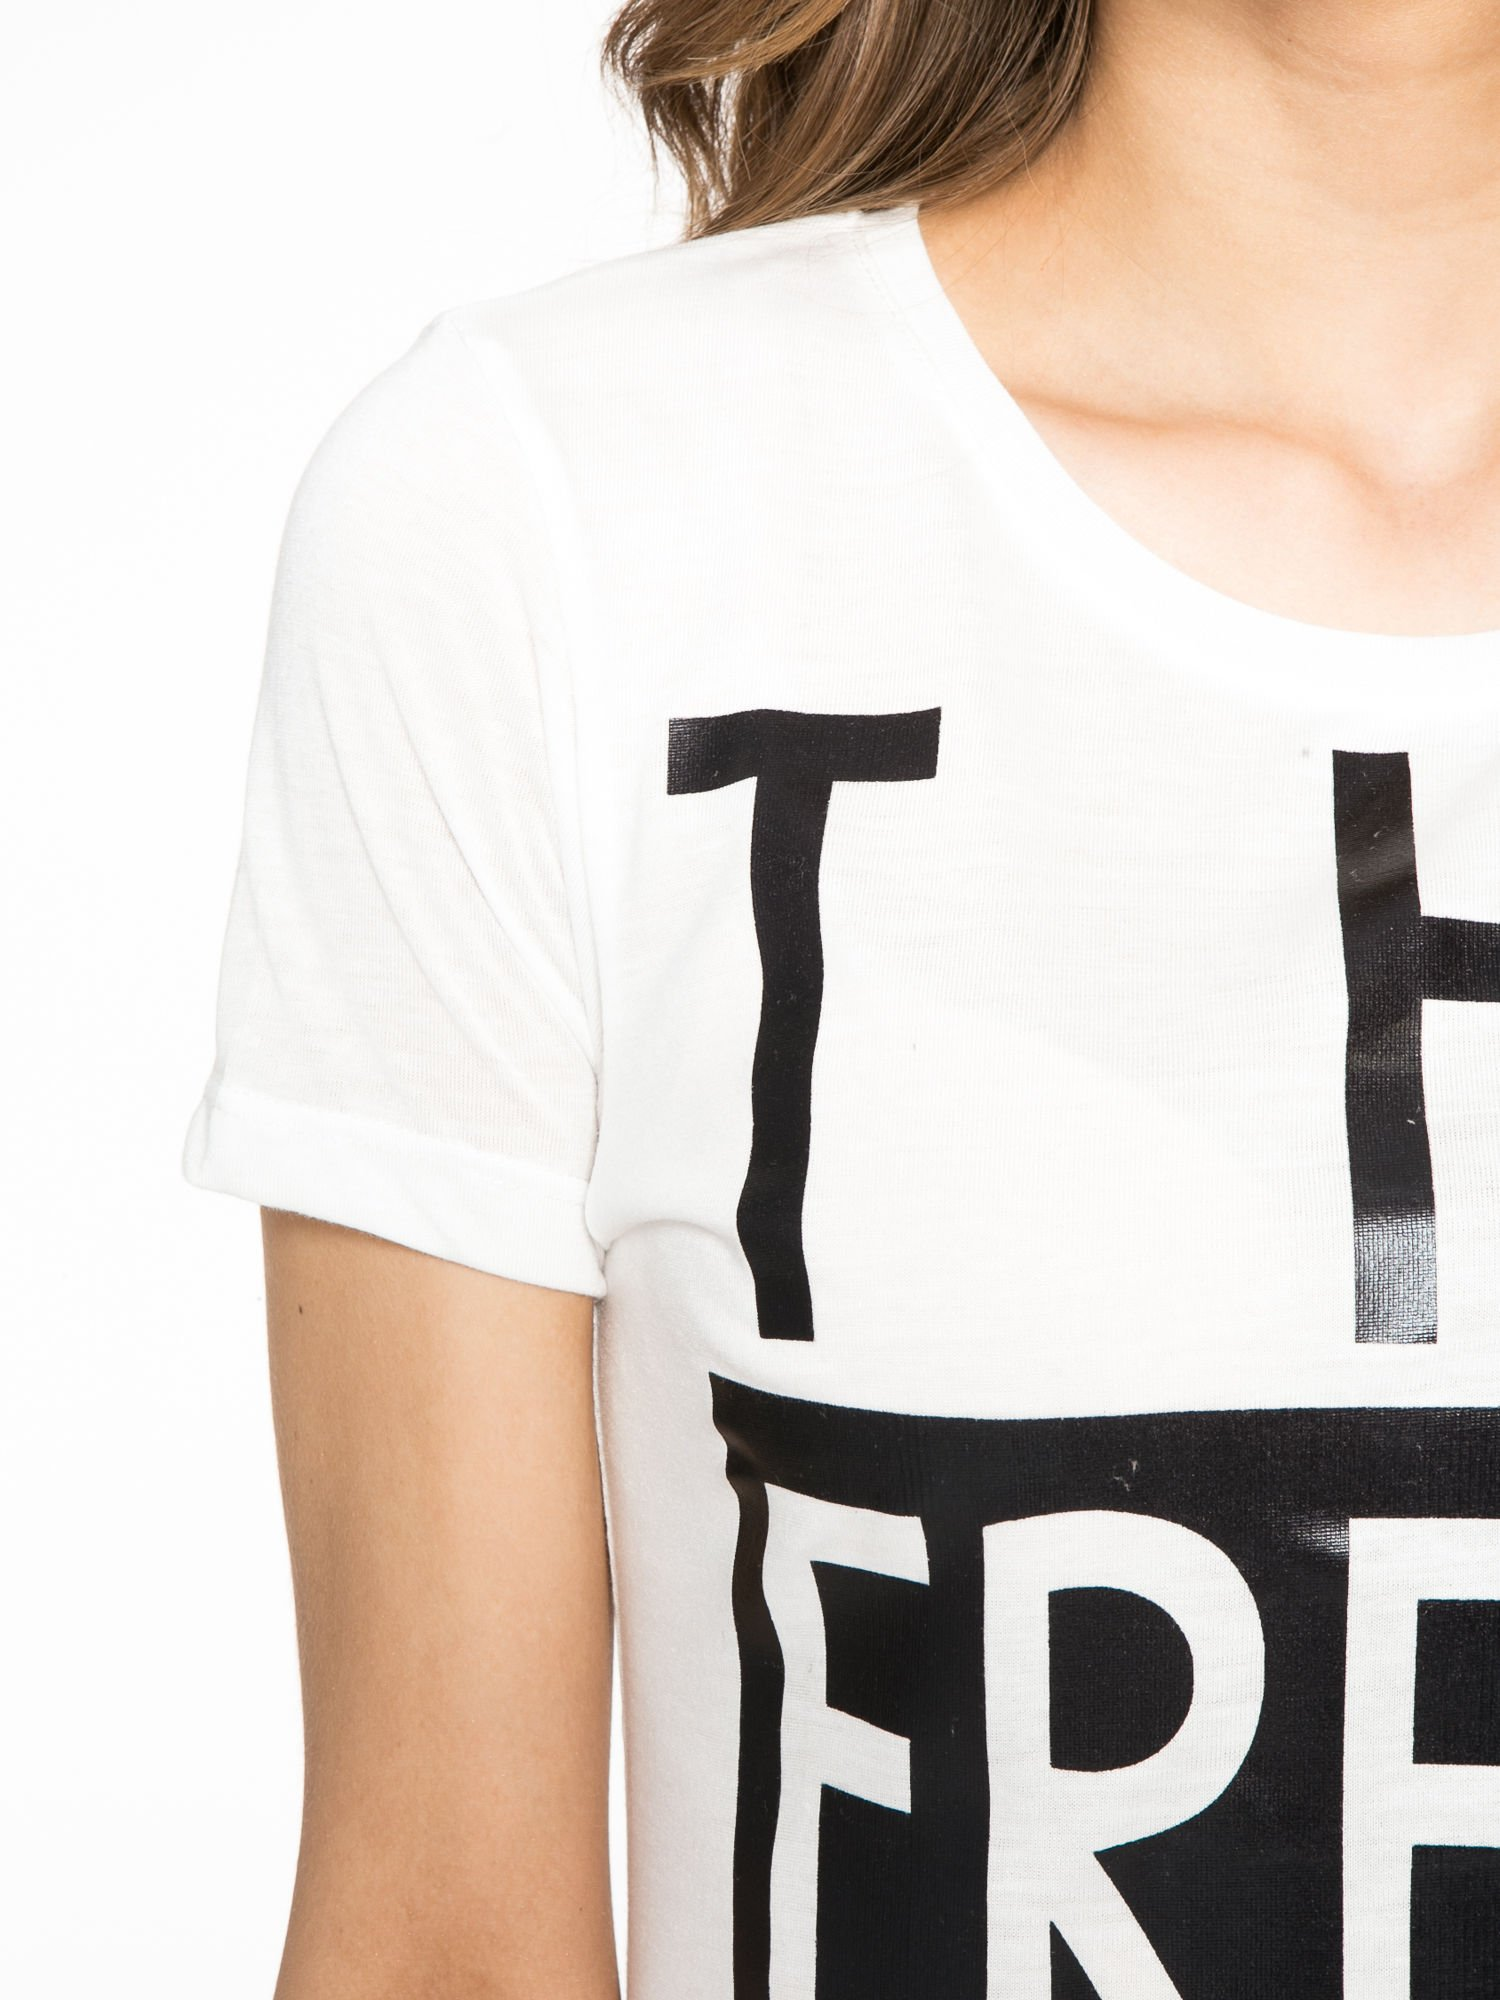 Ecru t-shirt z napisem THE FREAK IS CHIC                                  zdj.                                  5